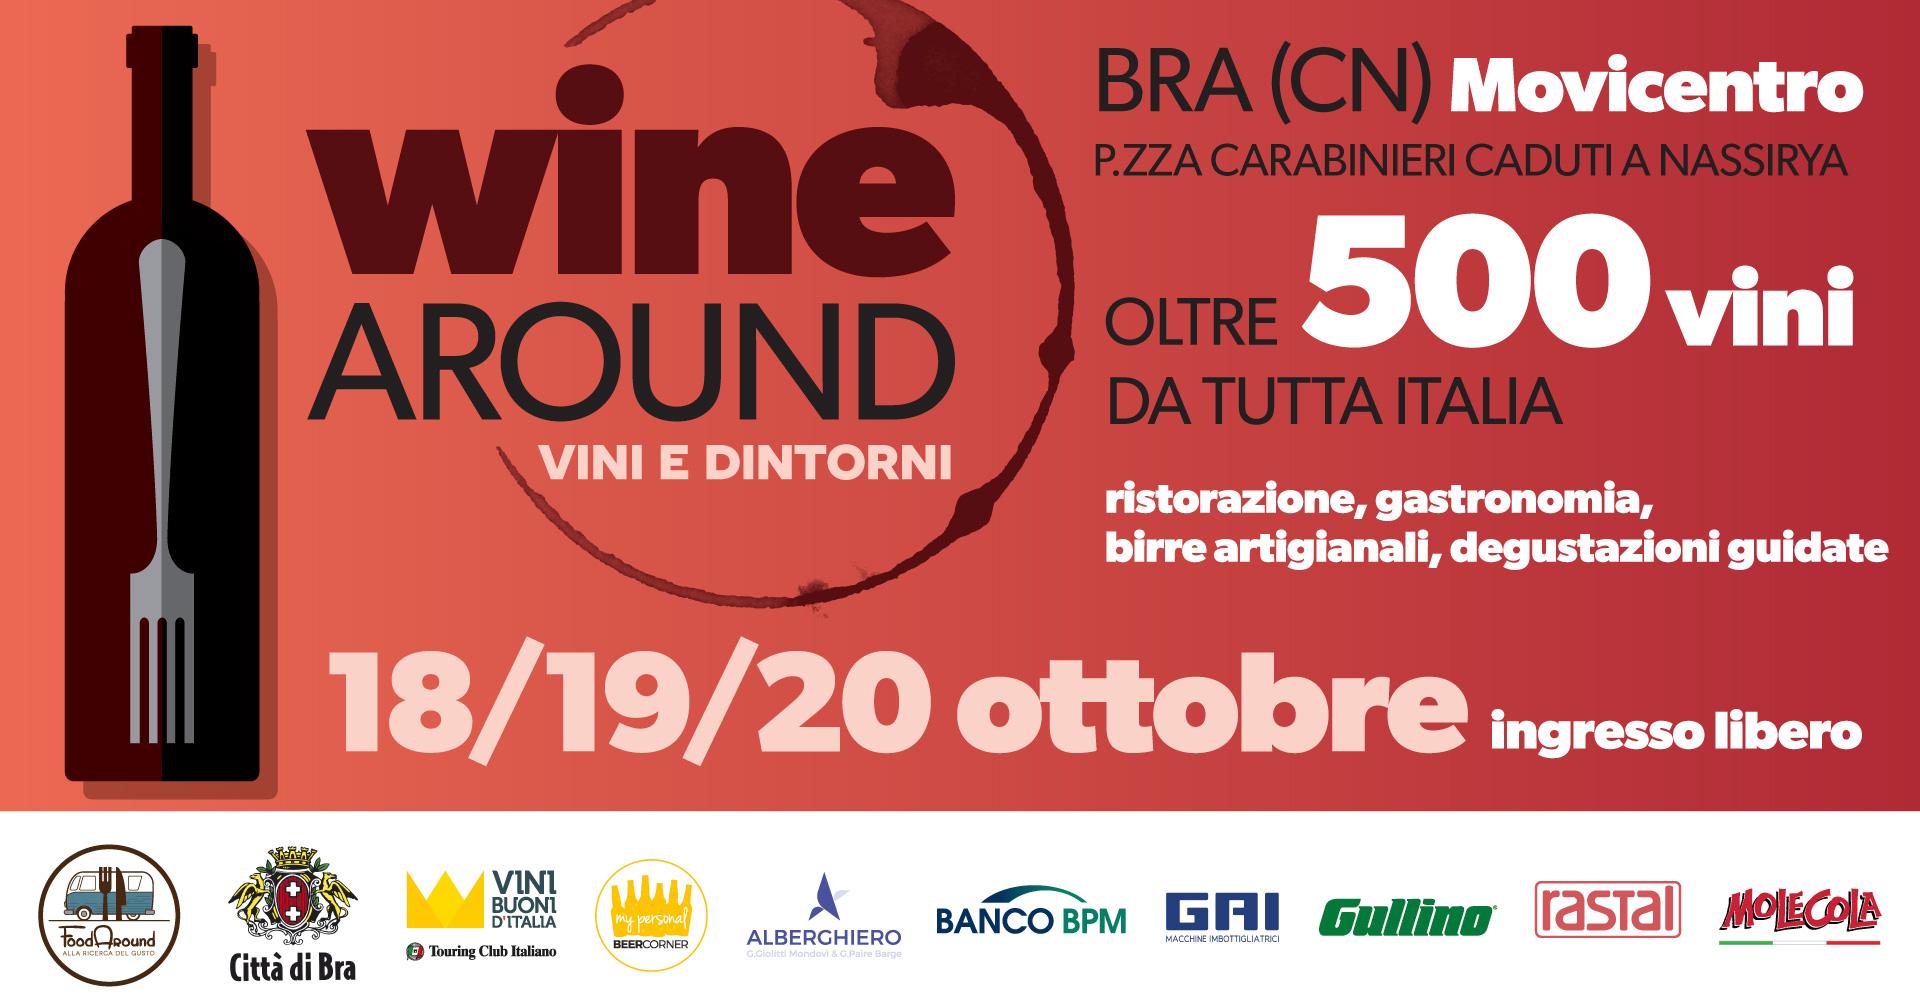 winearound-bra